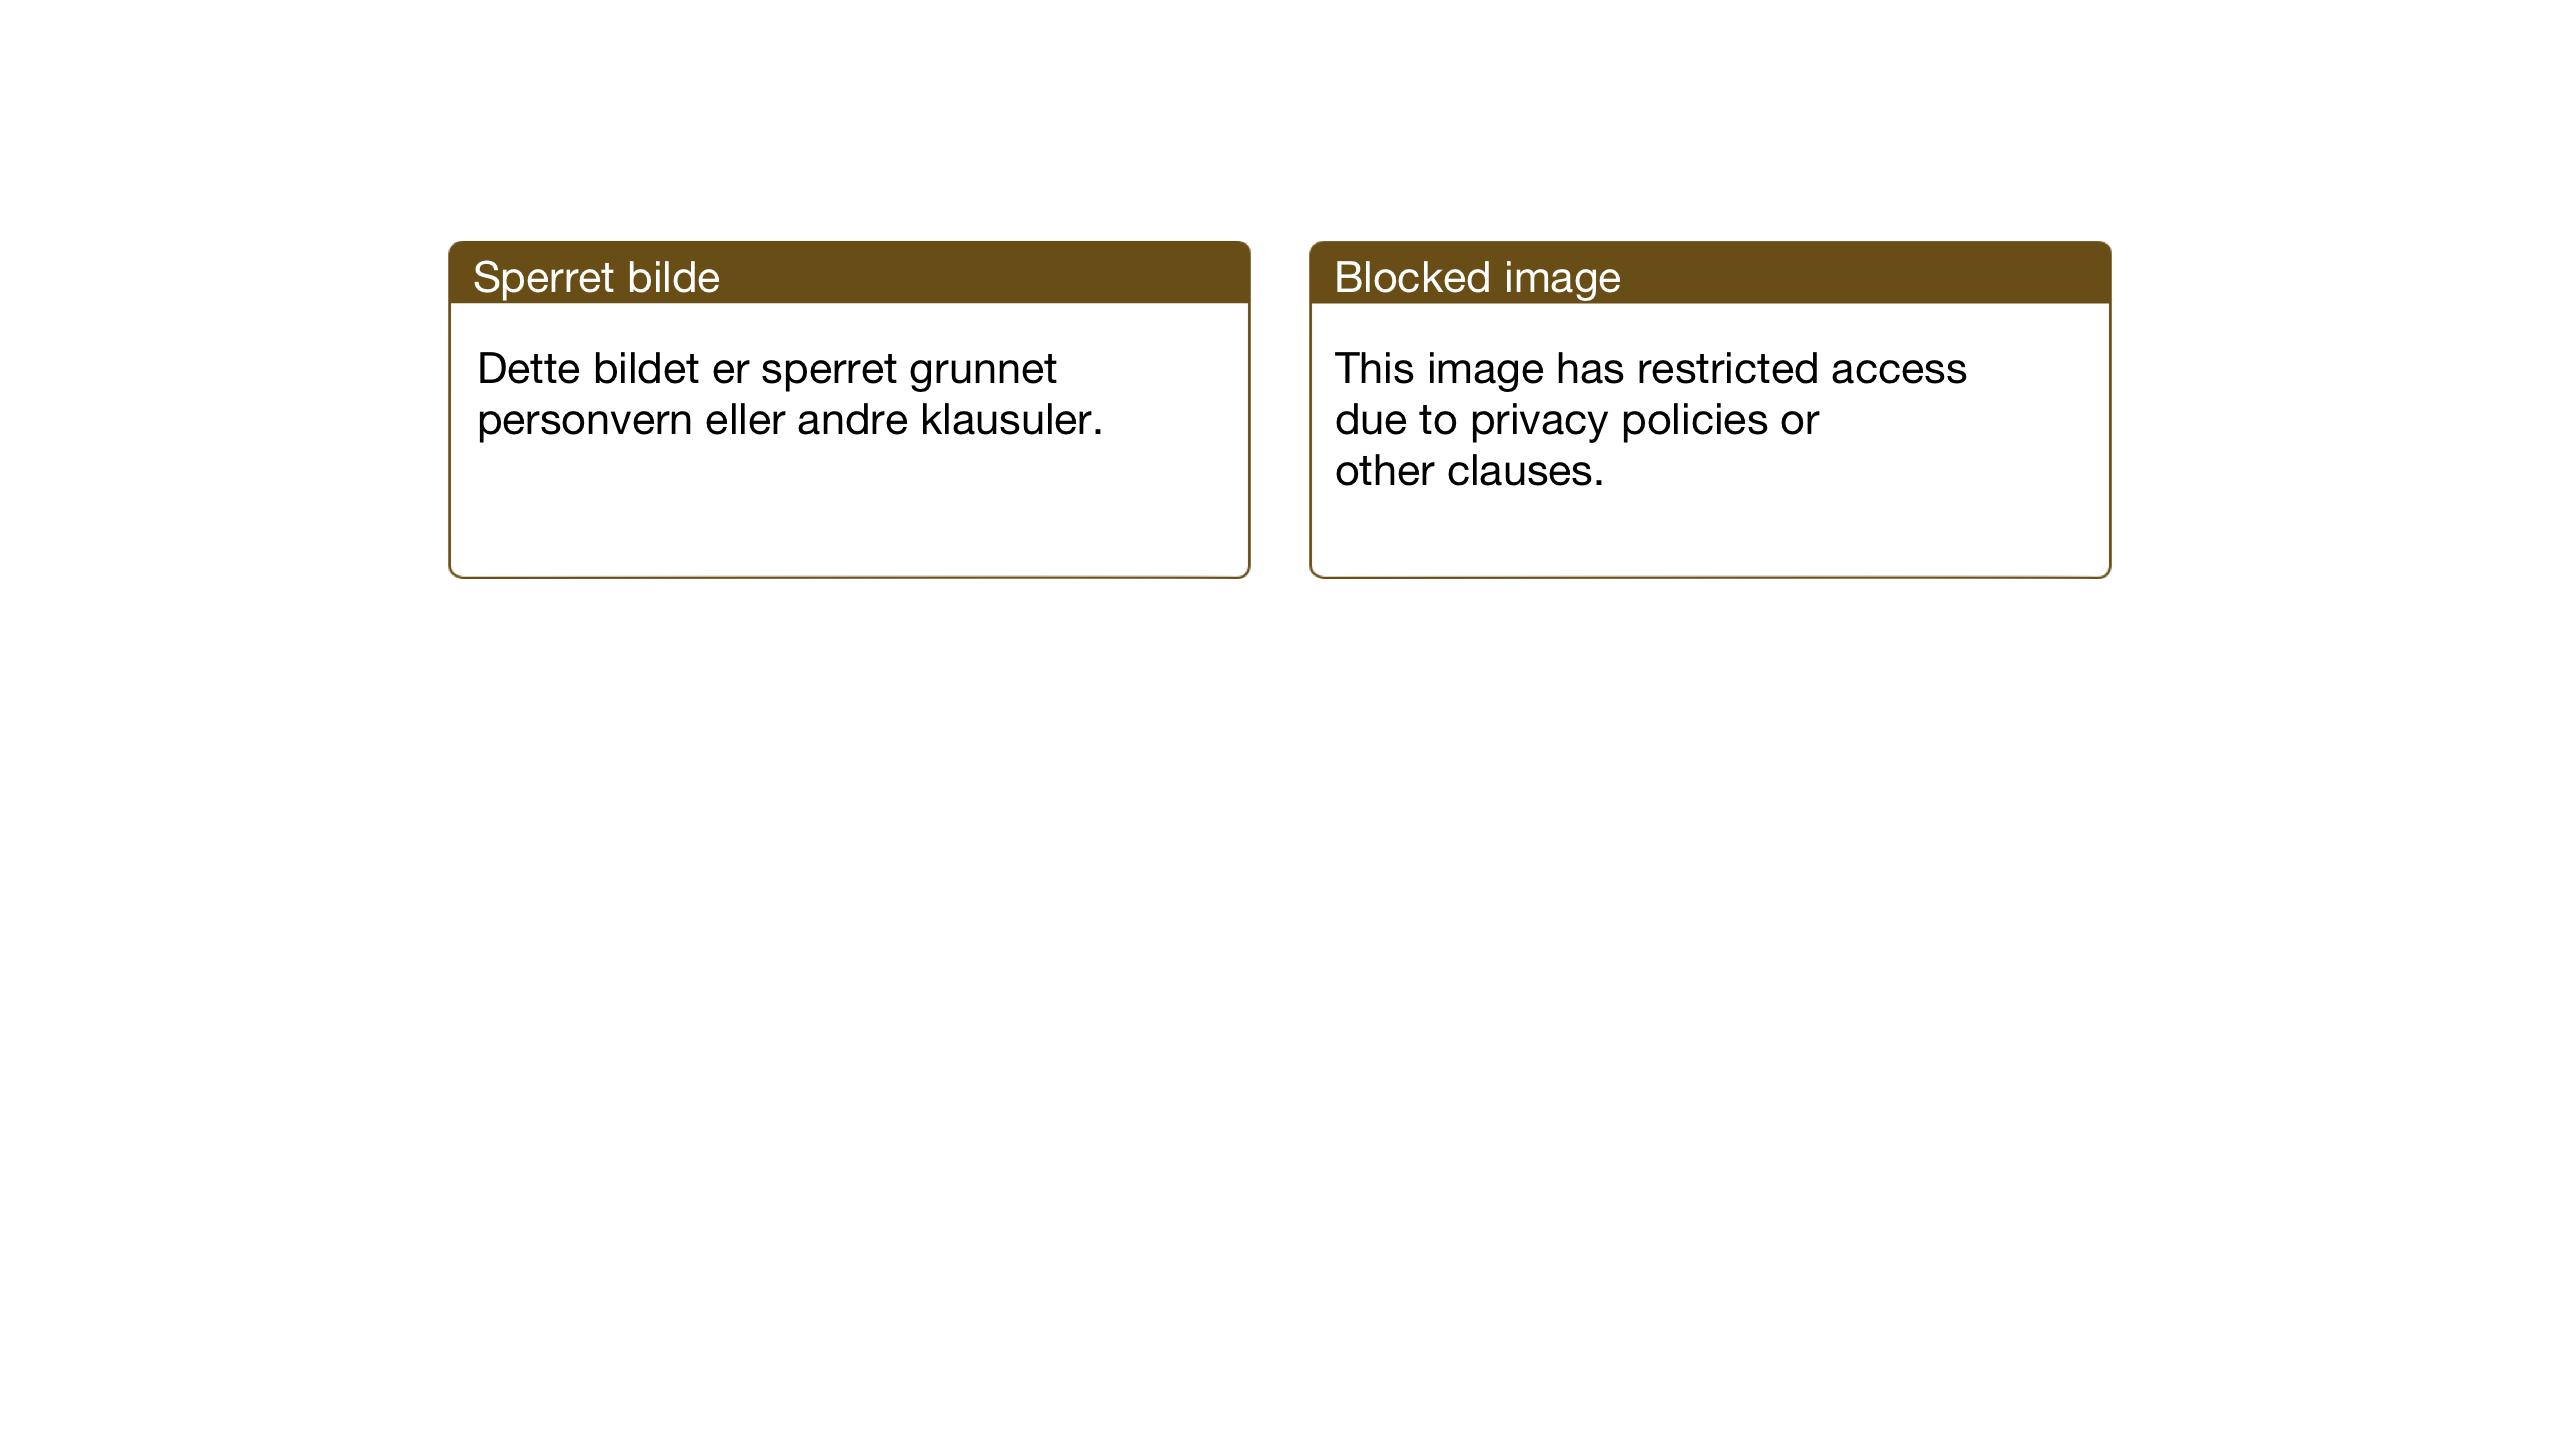 SAT, Ministerialprotokoller, klokkerbøker og fødselsregistre - Nord-Trøndelag, 701/L0019: Klokkerbok nr. 701C03, 1930-1953, s. 54